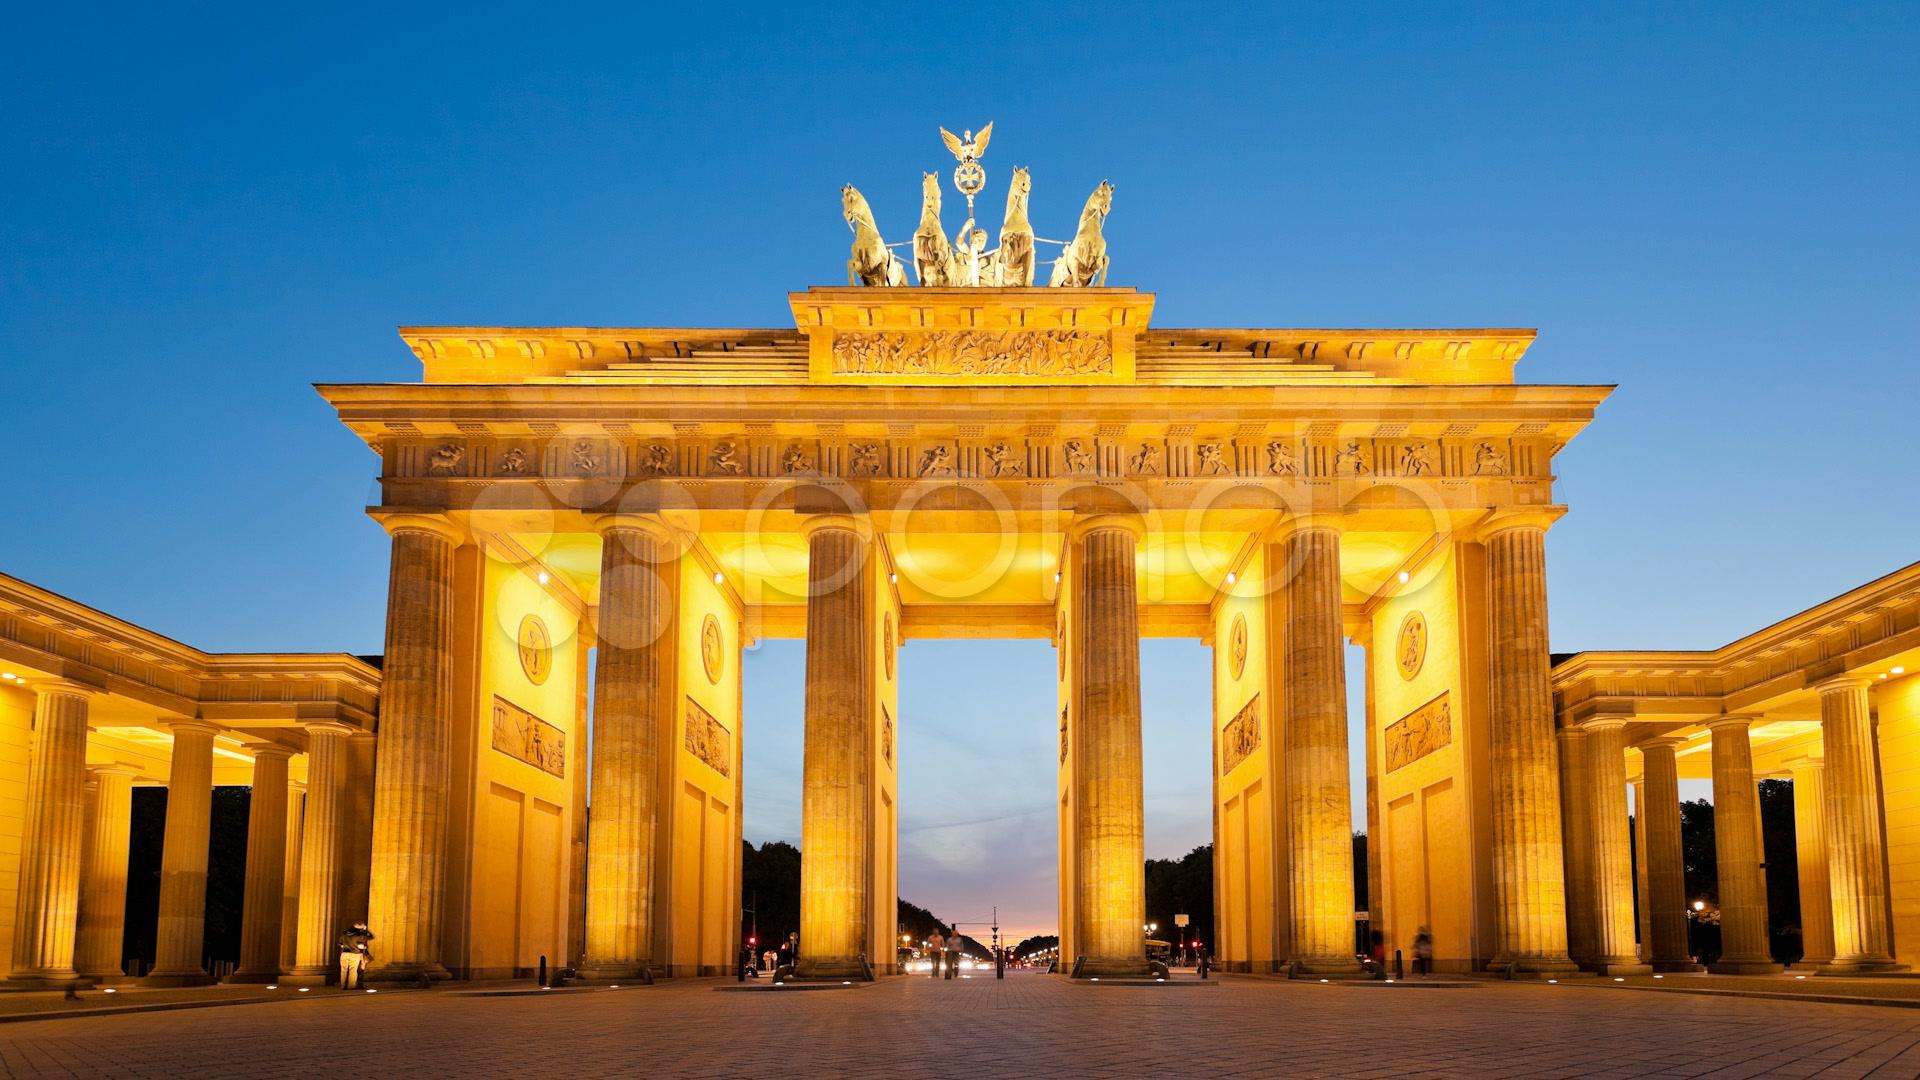 Brandenburg Gate Wallpaper 11   1920 X 1080 stmednet 1920x1080